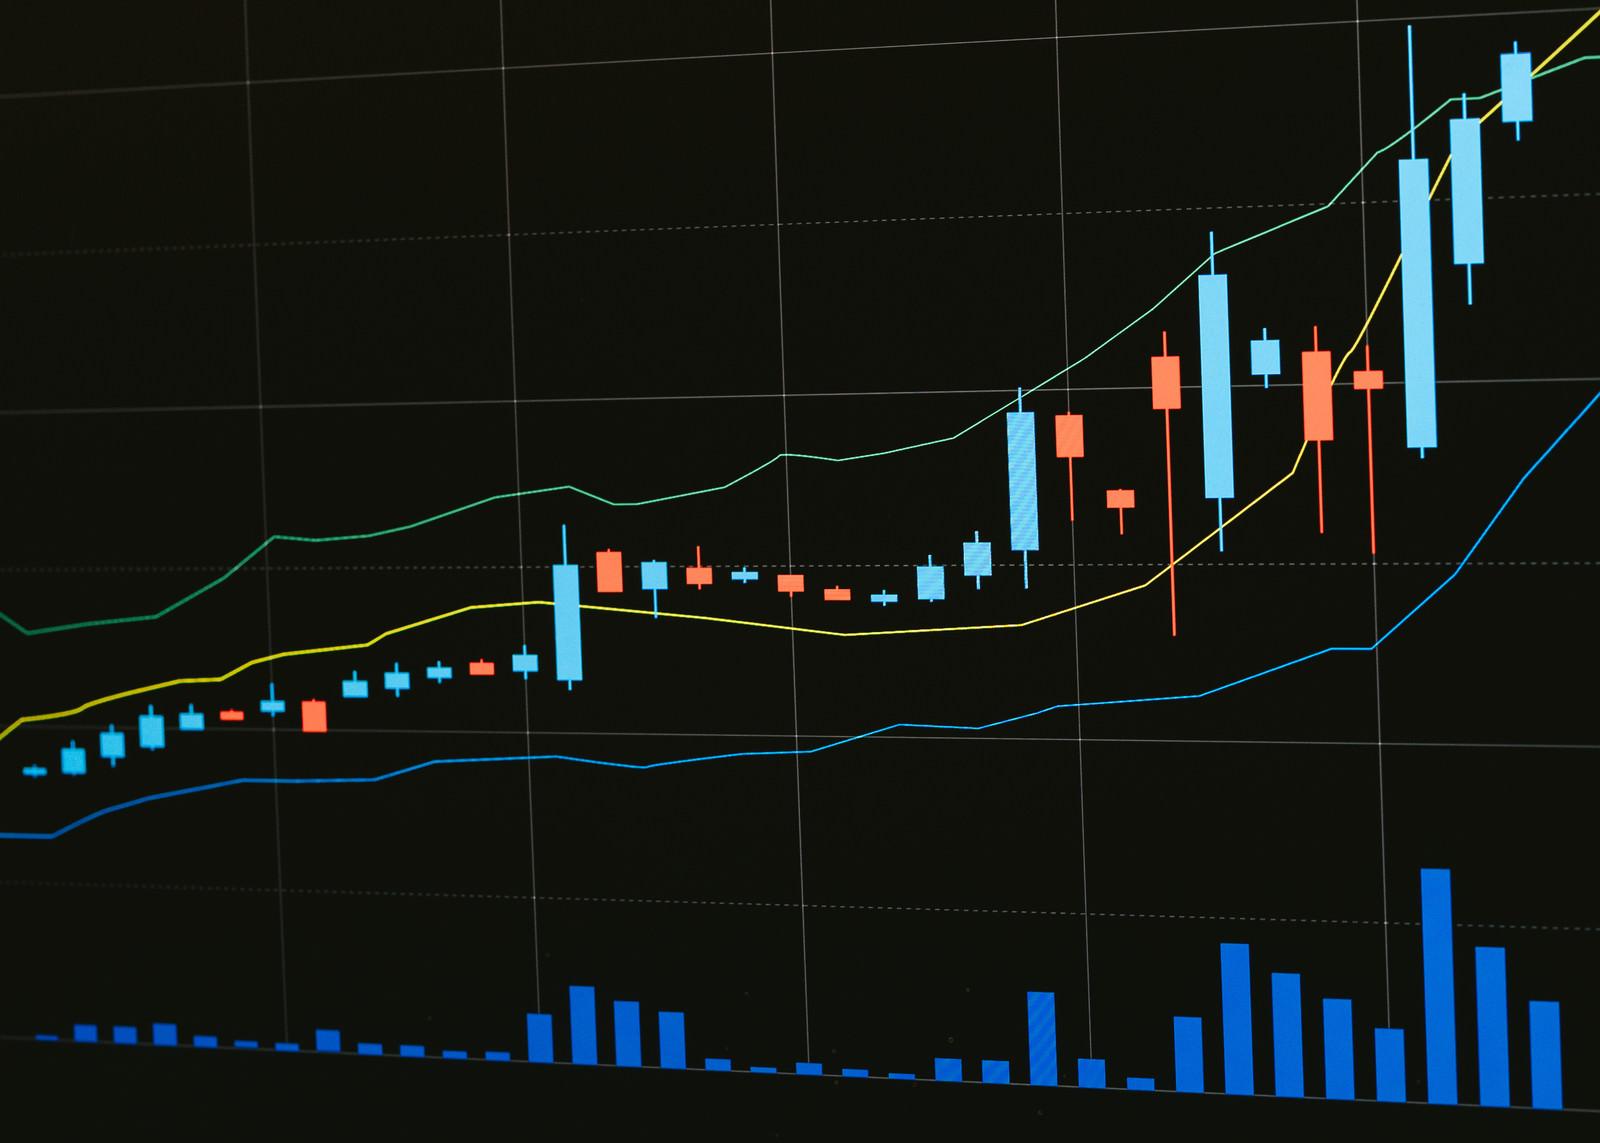 「値上がりし続けるバブル相場」の写真